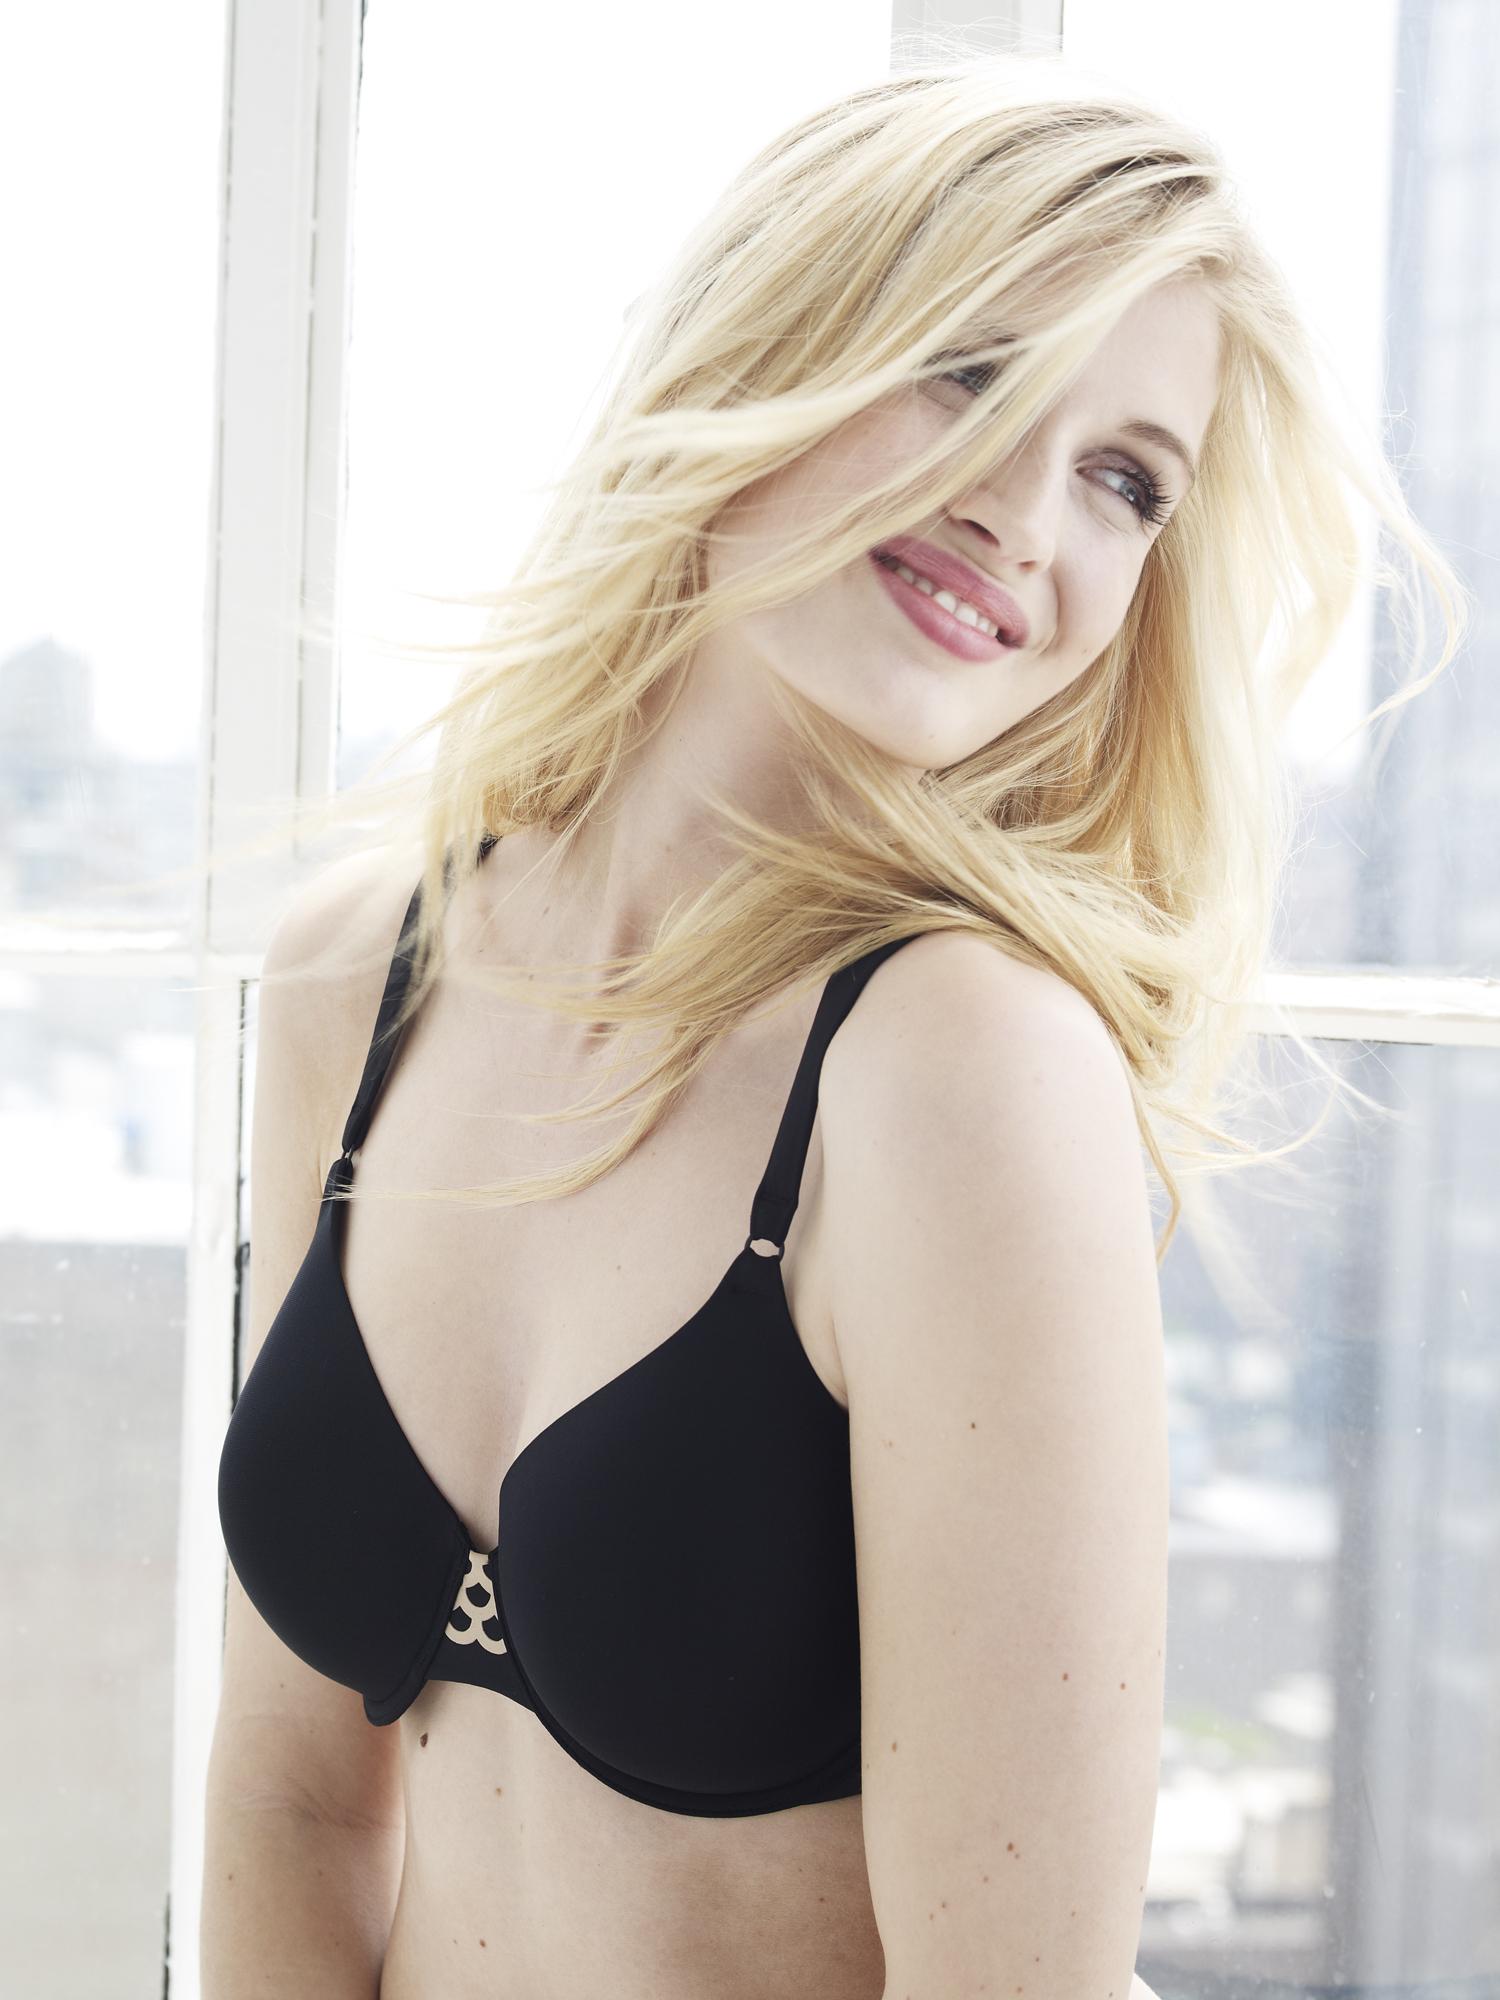 blond+black+bra.jpg